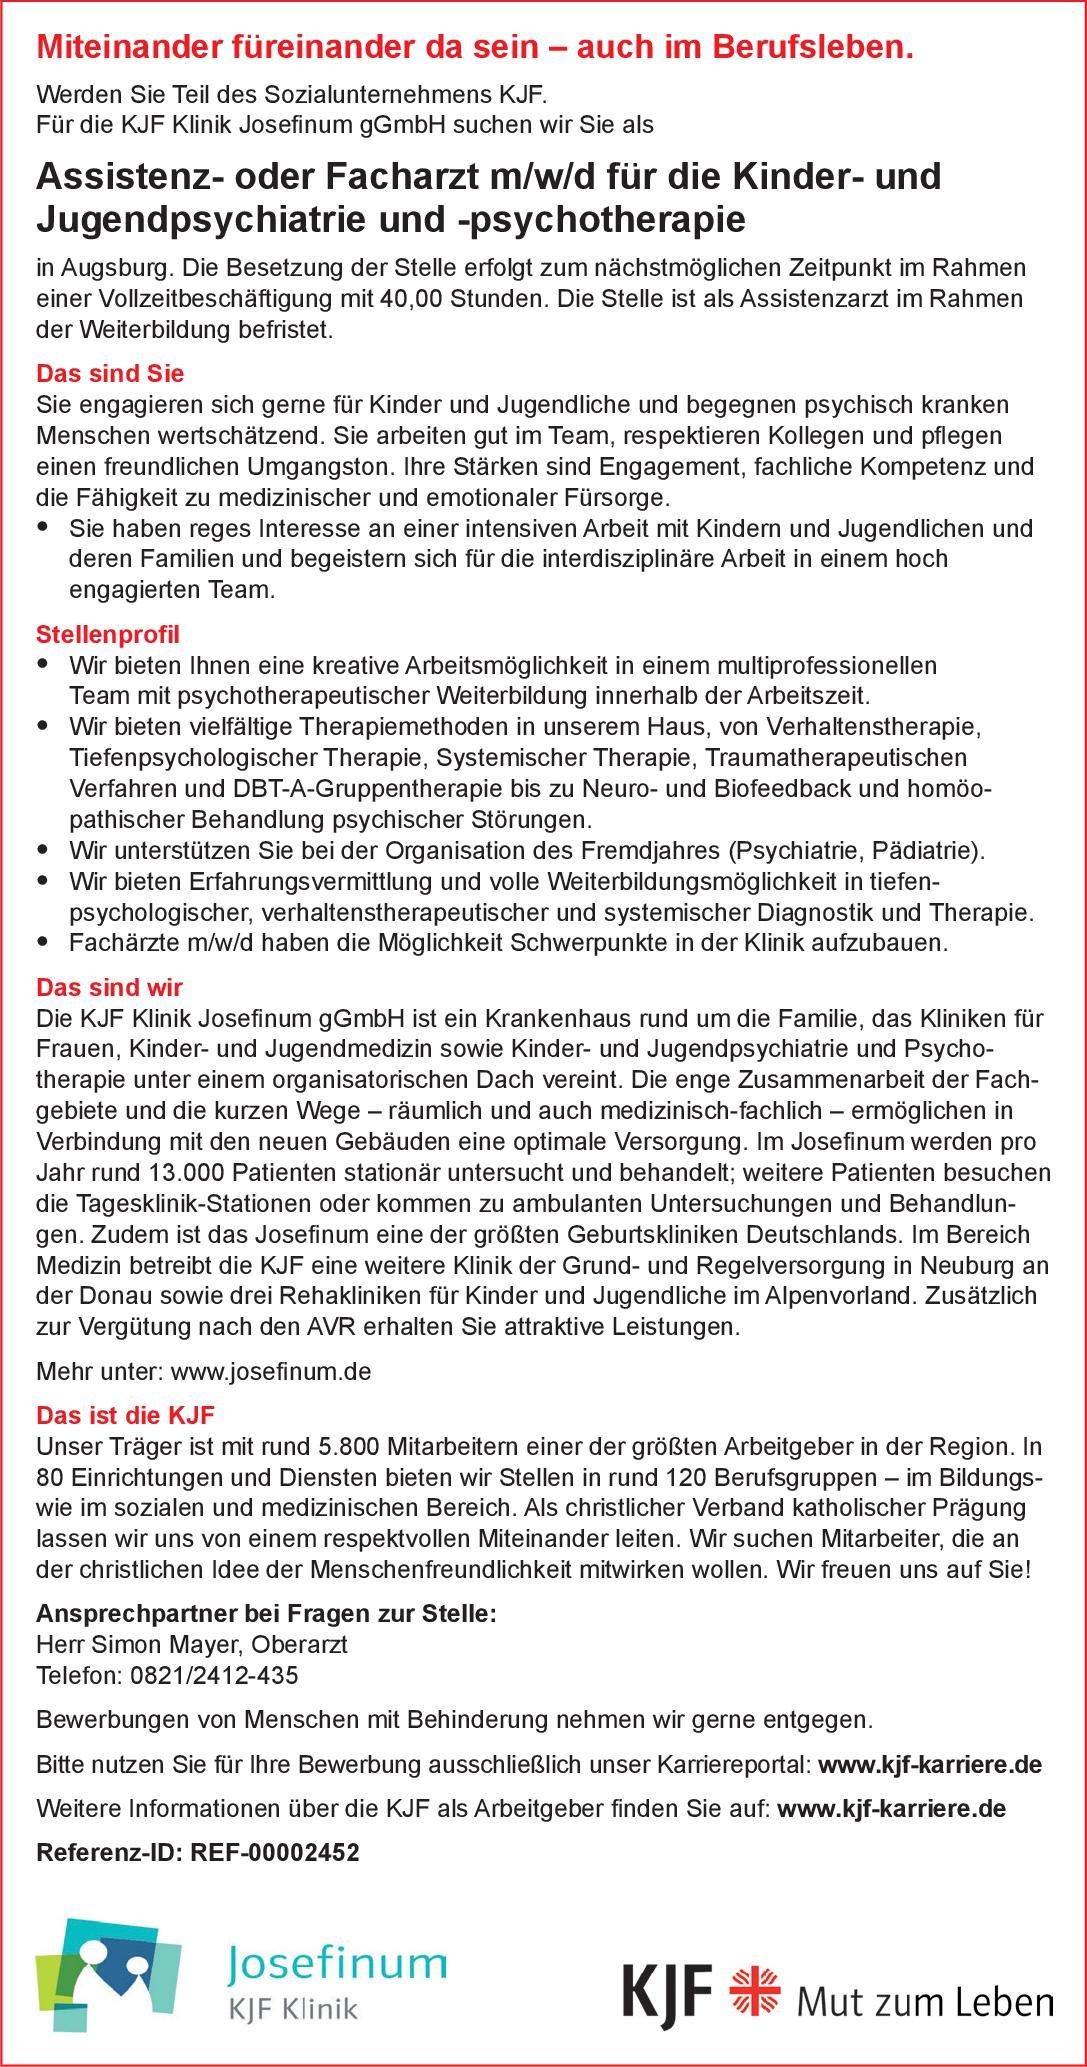 Josefinum Klinik Assistenz- oder Facharzt m/w/d für die Kinder- und Jugendpsychiatrie und -psychotherapie Kinder- und Jugendpsychiatrie und -psychotherapie Arzt / Facharzt, Assistenzarzt / Arzt in Weiterbildung